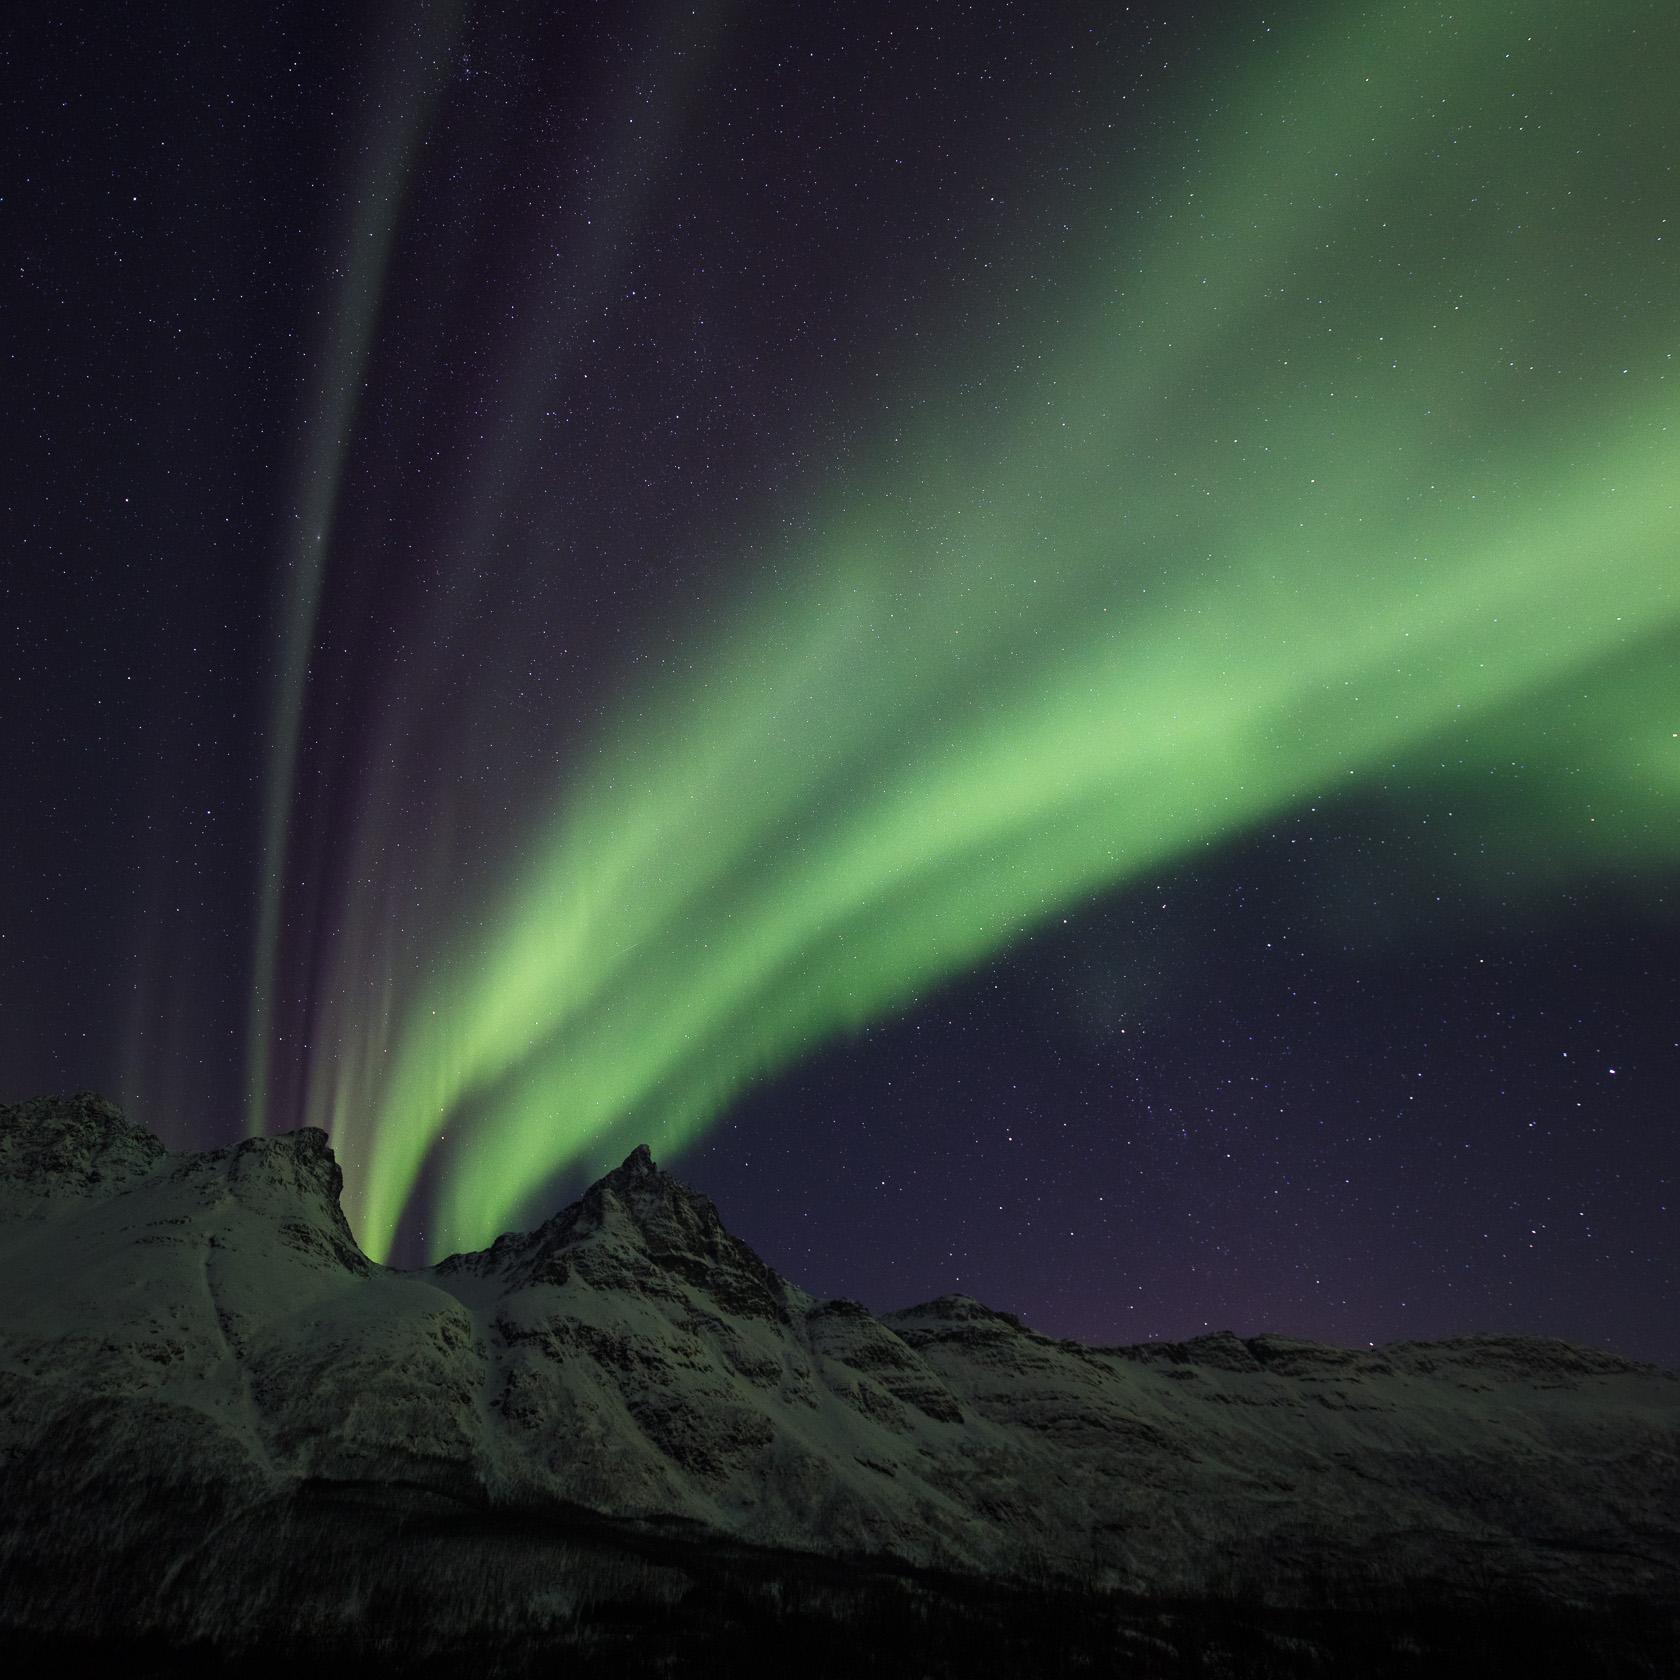 aurore boréale photographiée lors d'un voyage photo dans les Alpes de Lyngen, en Norvège